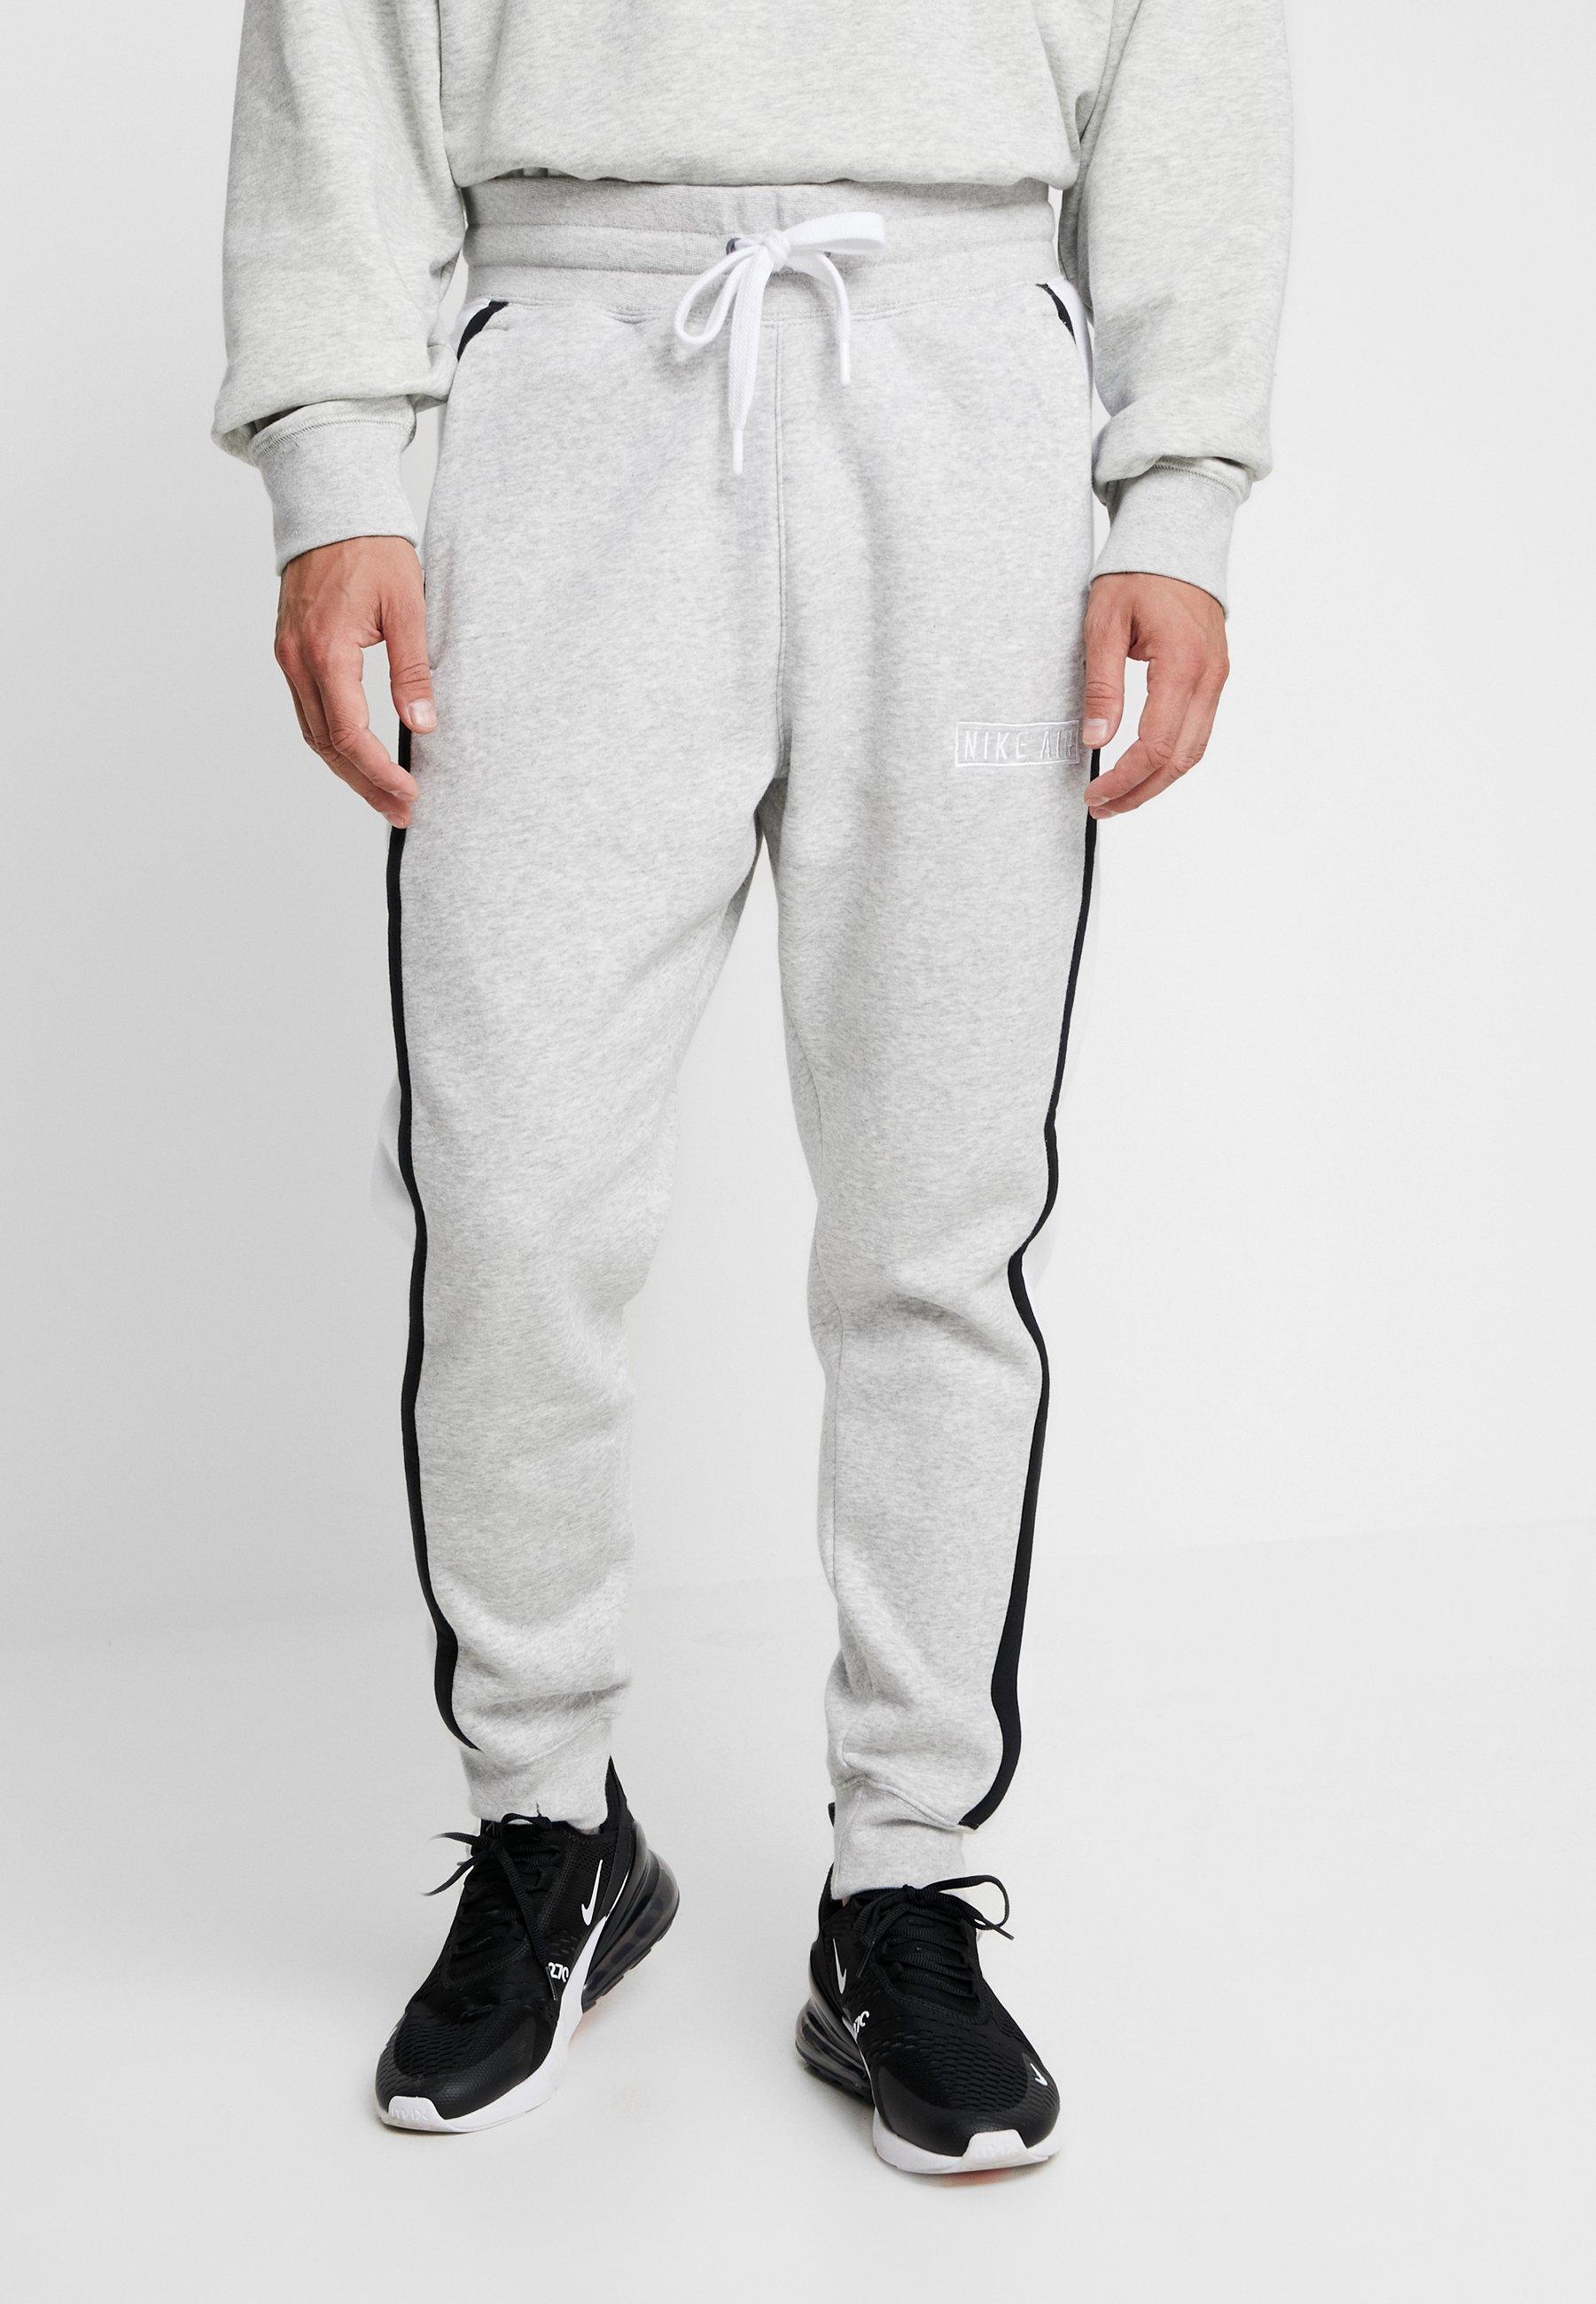 Air white Grey Heather Nike PantPantalon Survêtement black Sportswear De m80wNnv